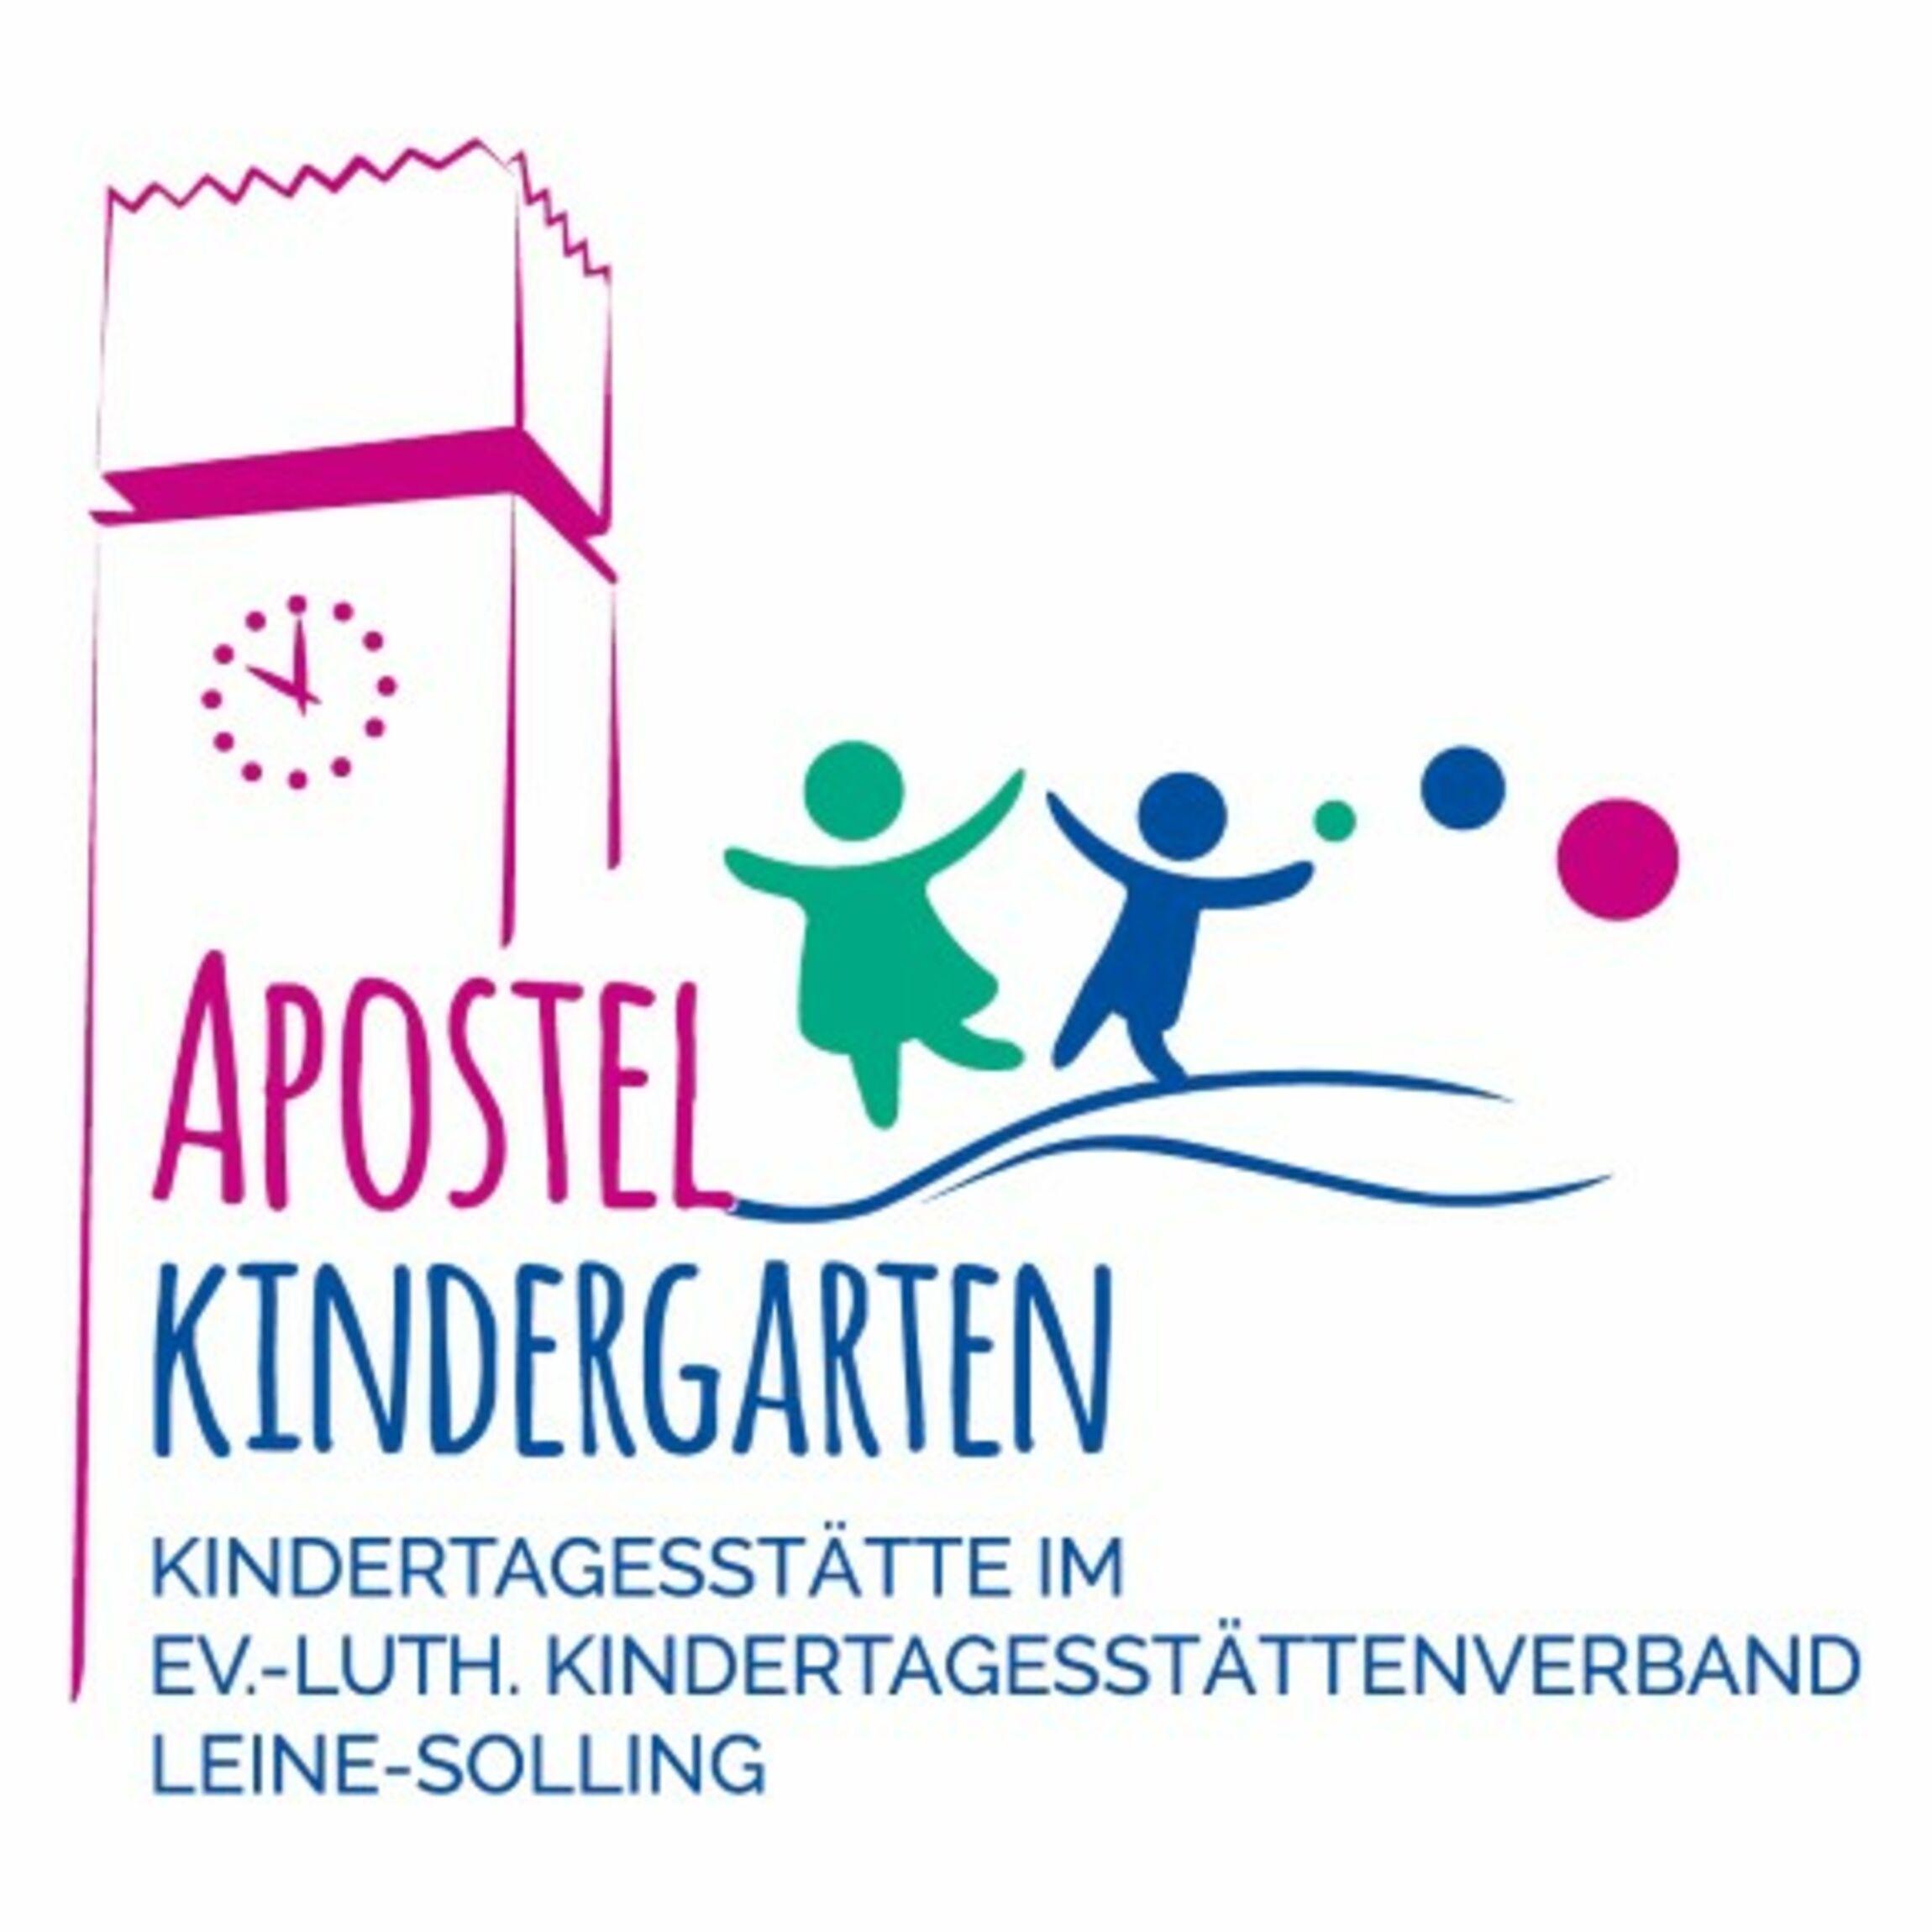 Moderne Weihnachtslieder Kindergarten.Kirchenkreis Leine Solling Apostel Kindertagesstätte Northeim